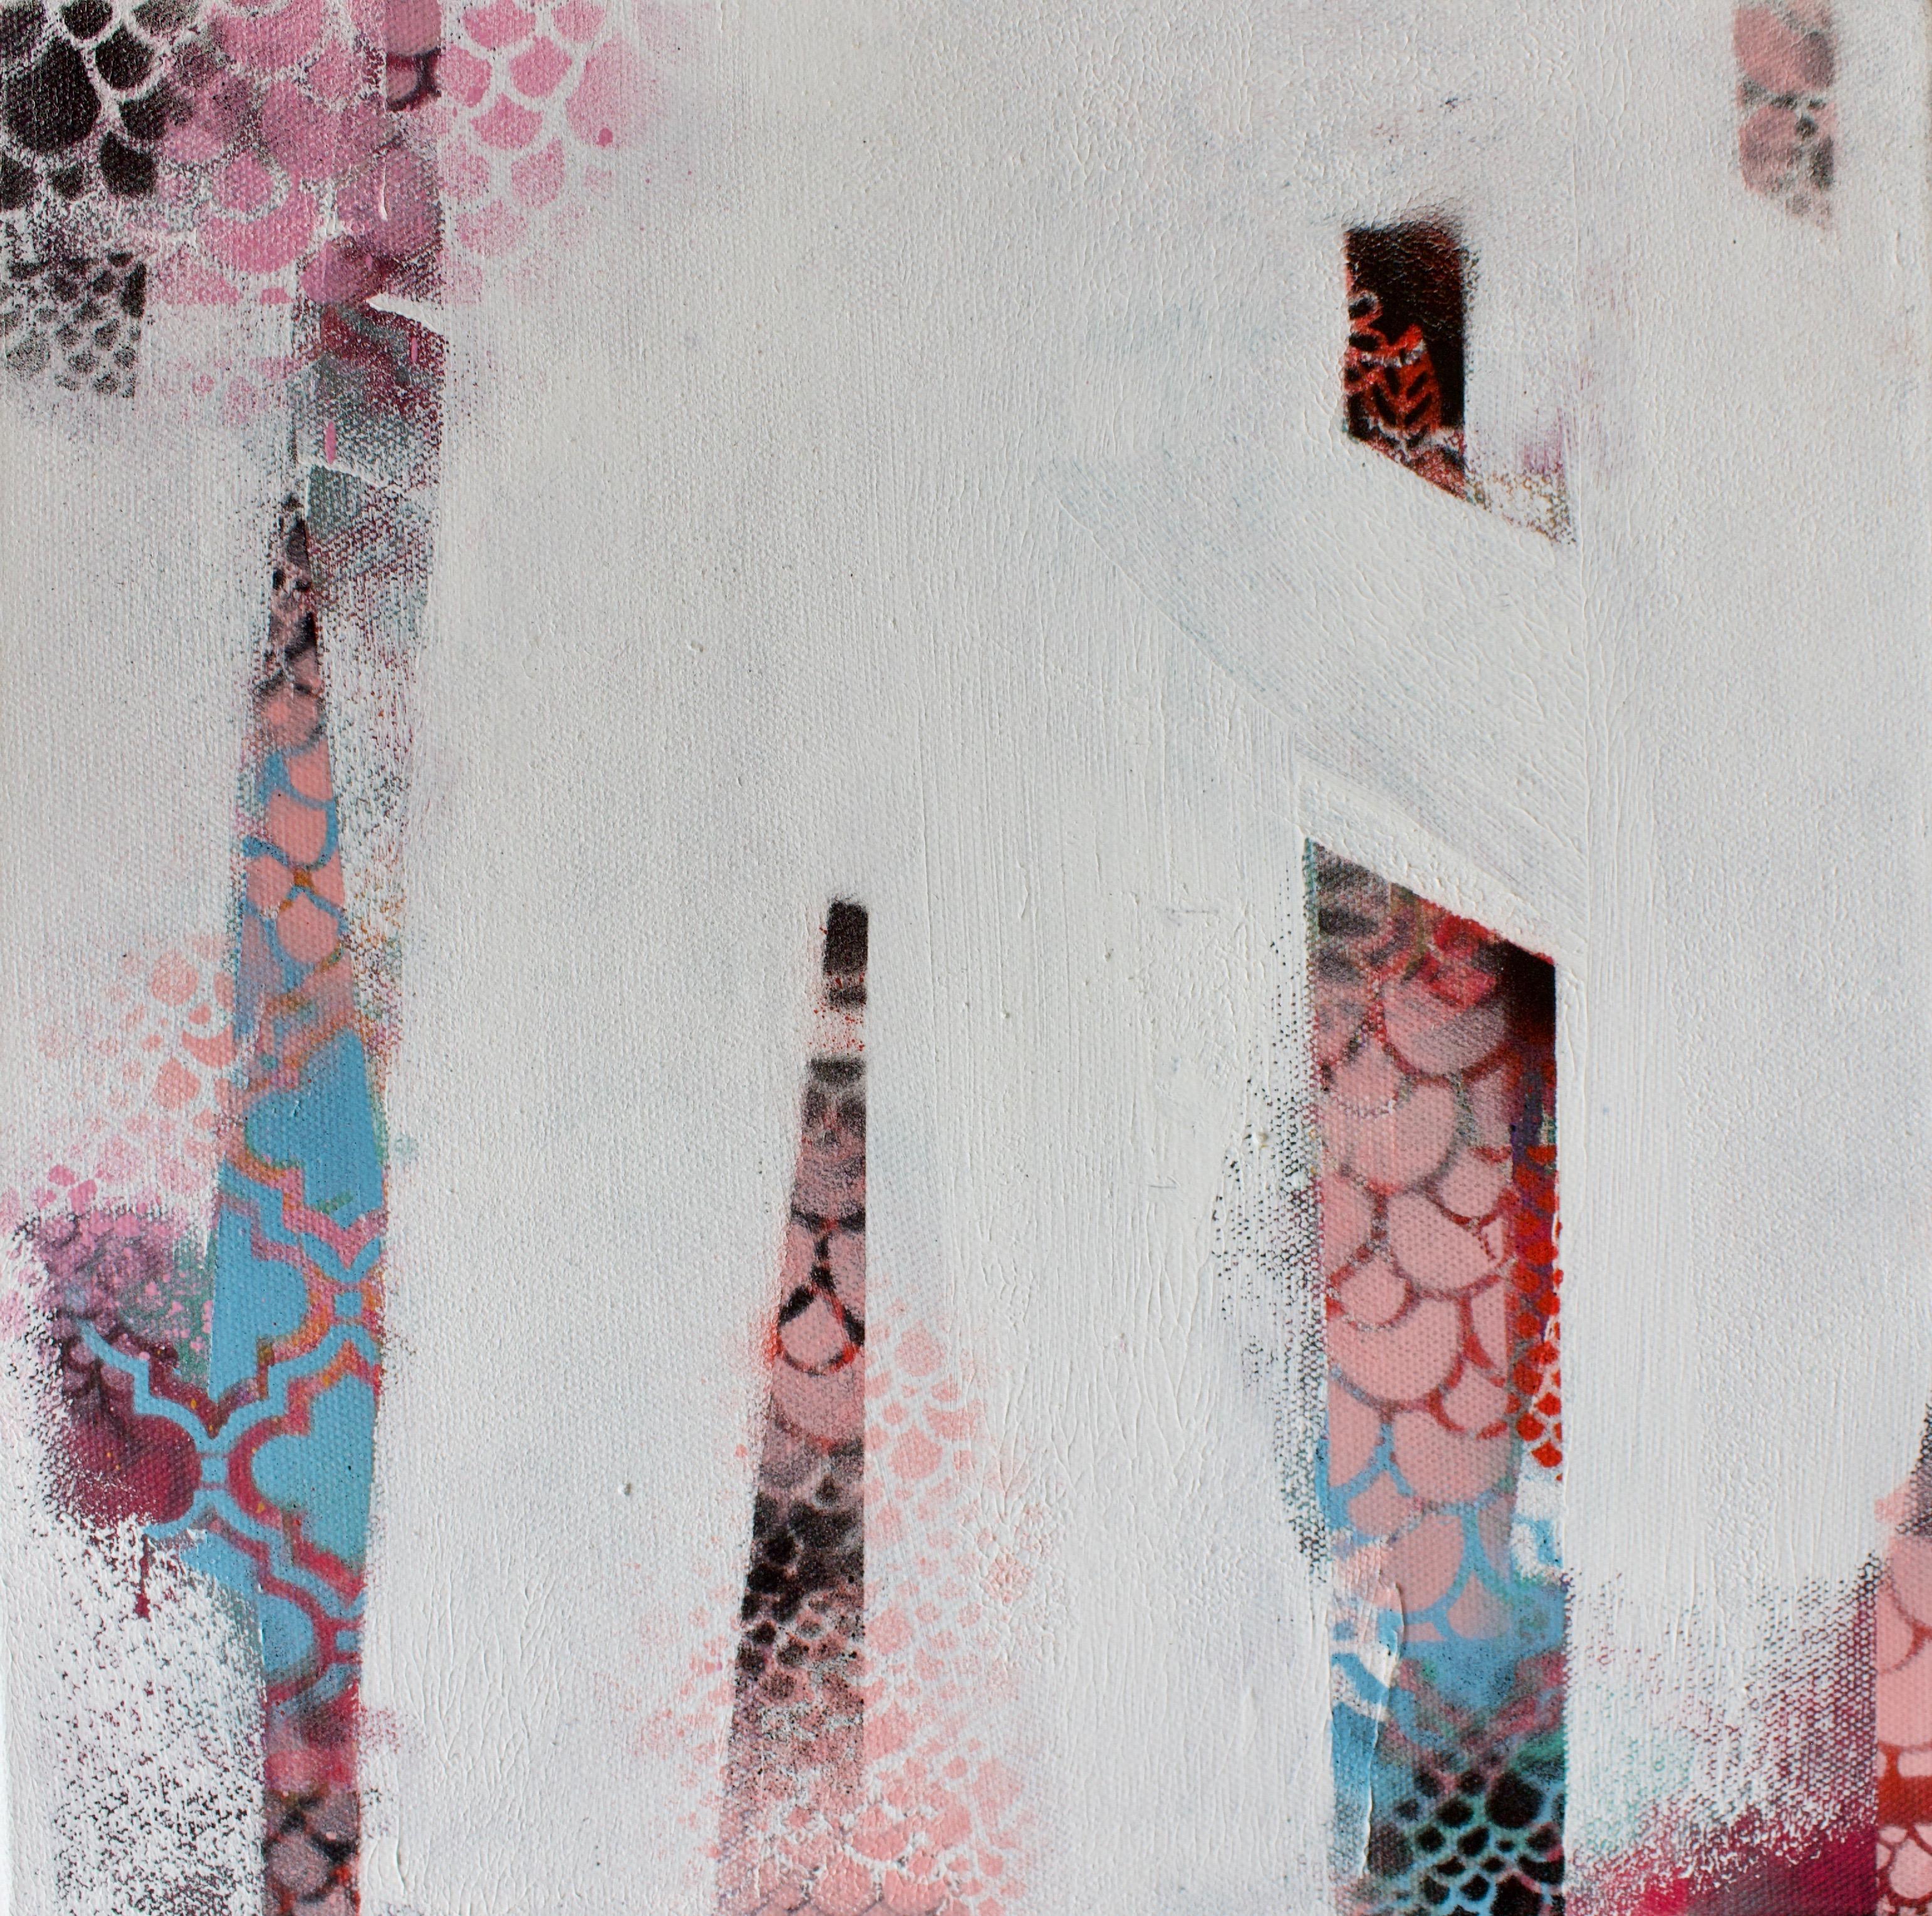 Acrylic on canvas 12x12